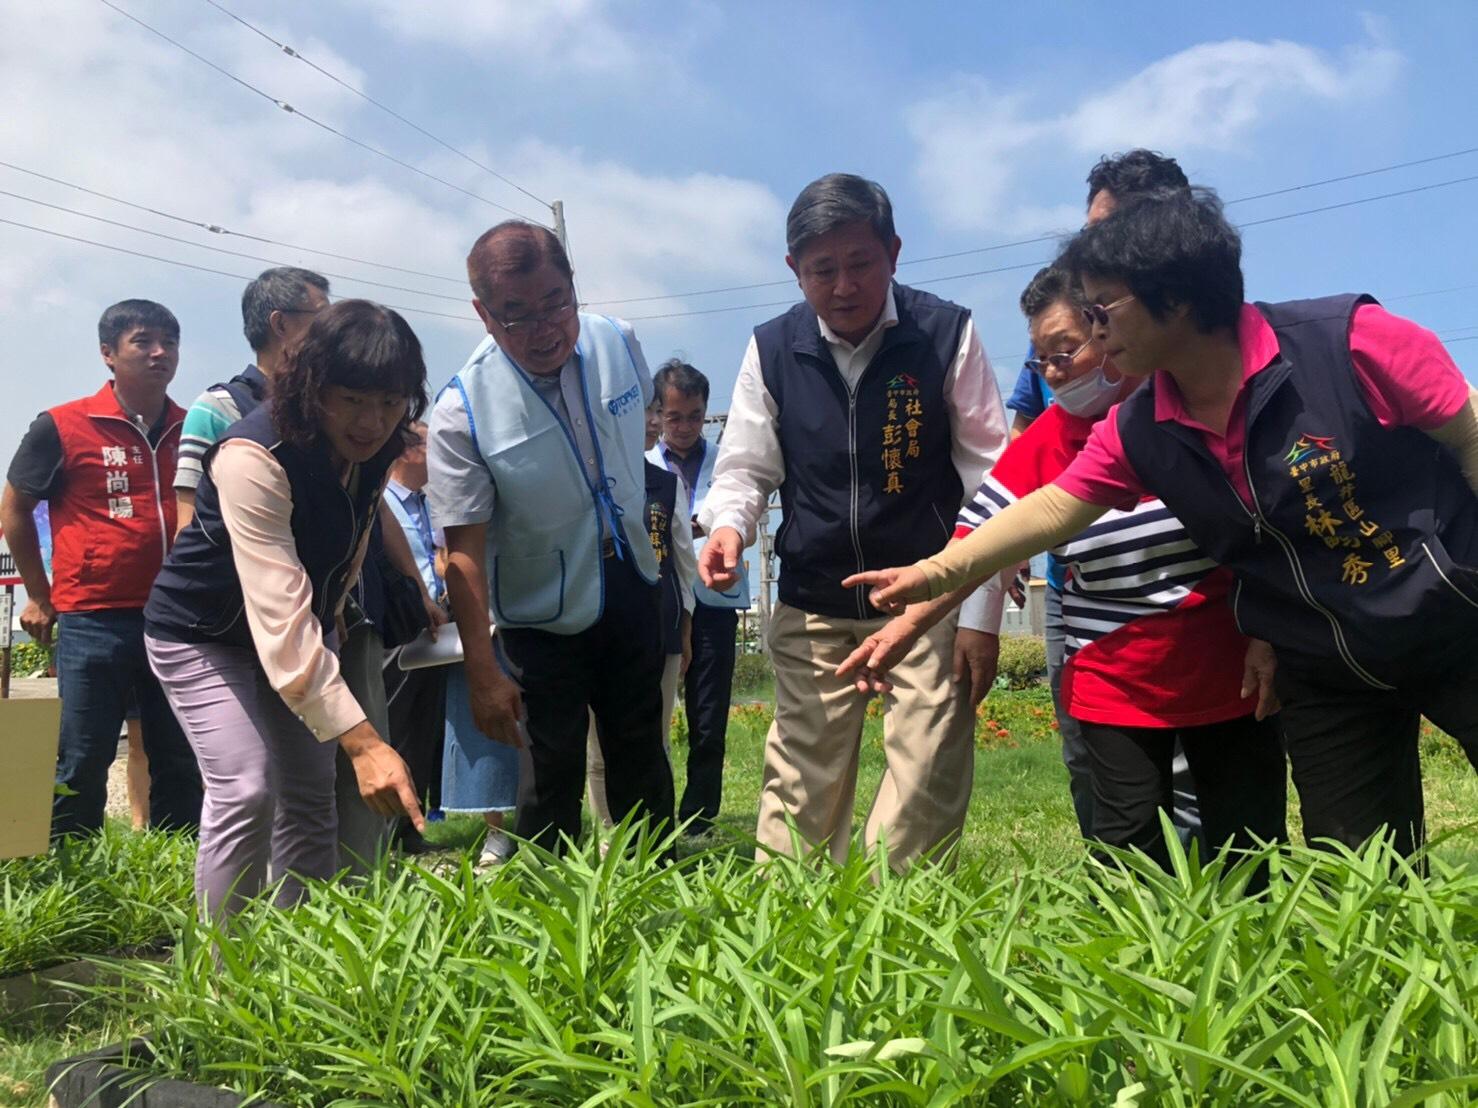 社會局邀請拓凱教育基金會參訪龍井區山腳社區照顧關懷據點